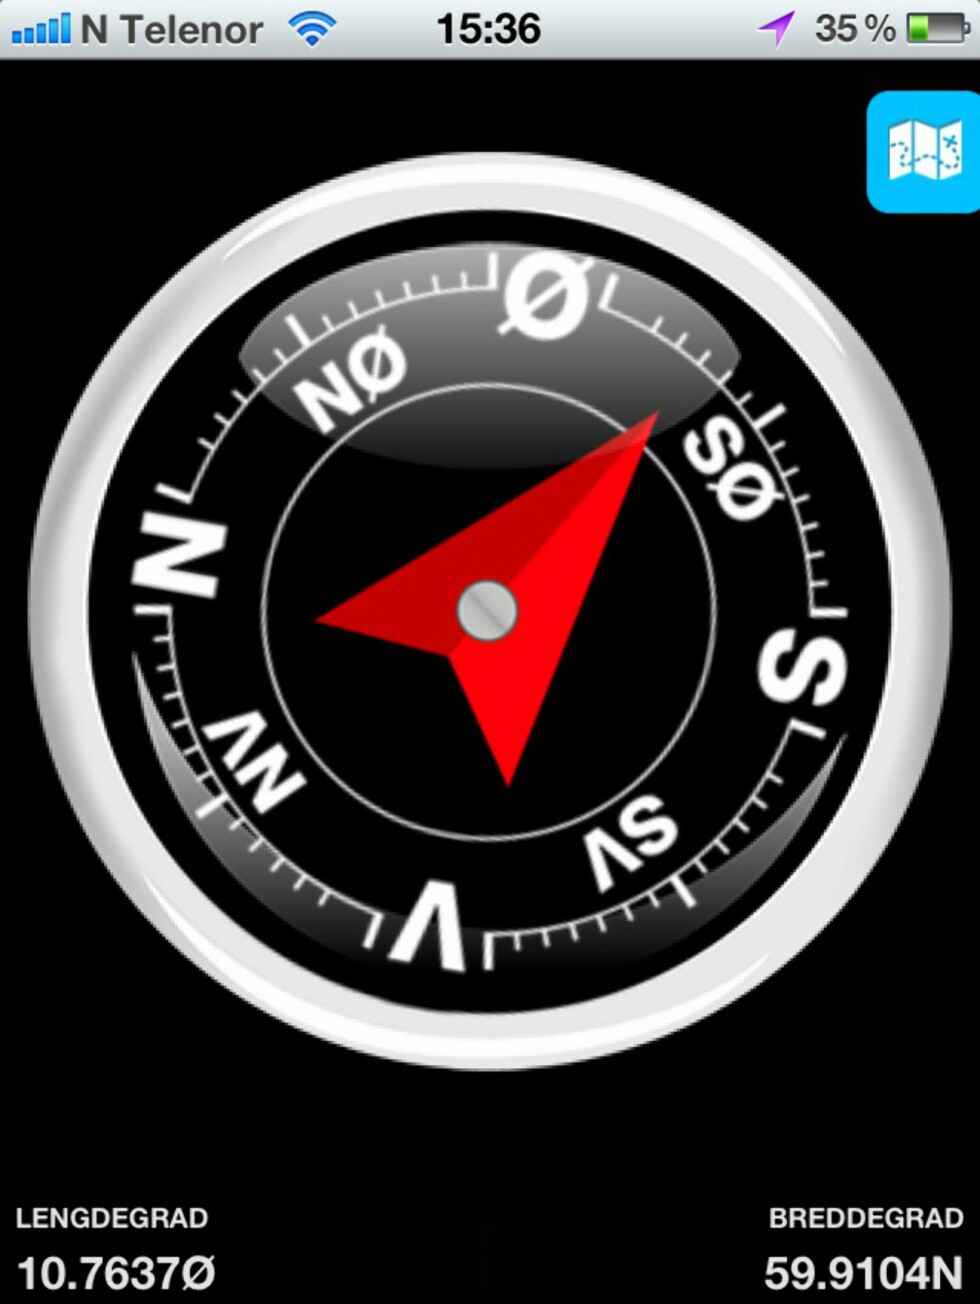 Appen inneholder et fullt kompass med lengde- og breddegrader og en pil som viser hvor du skal gå.